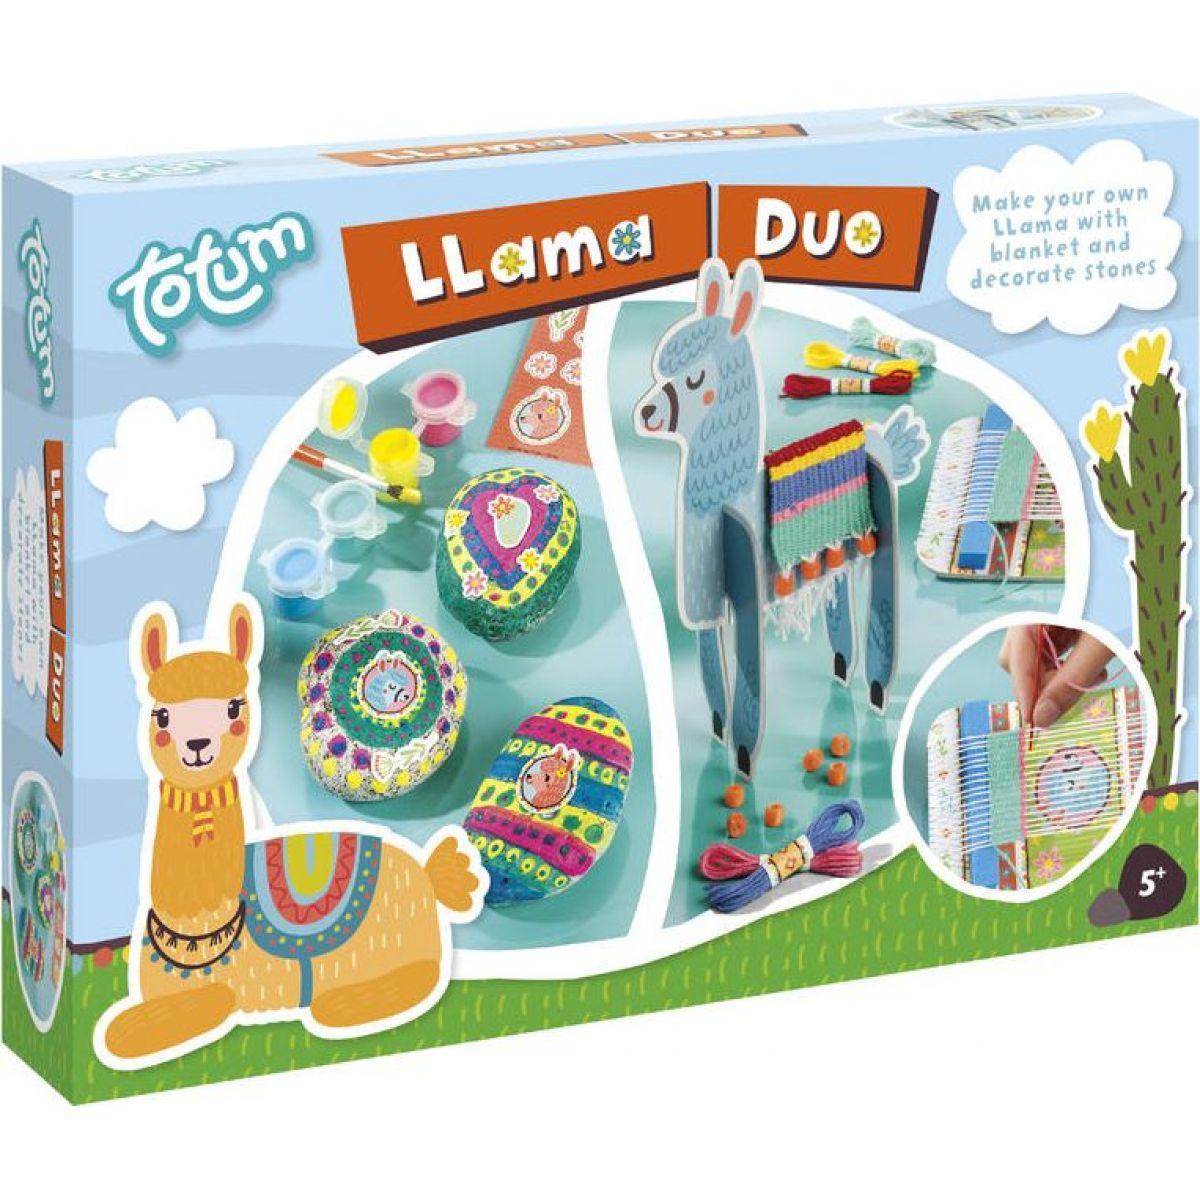 Totum Llama Duo 2v1